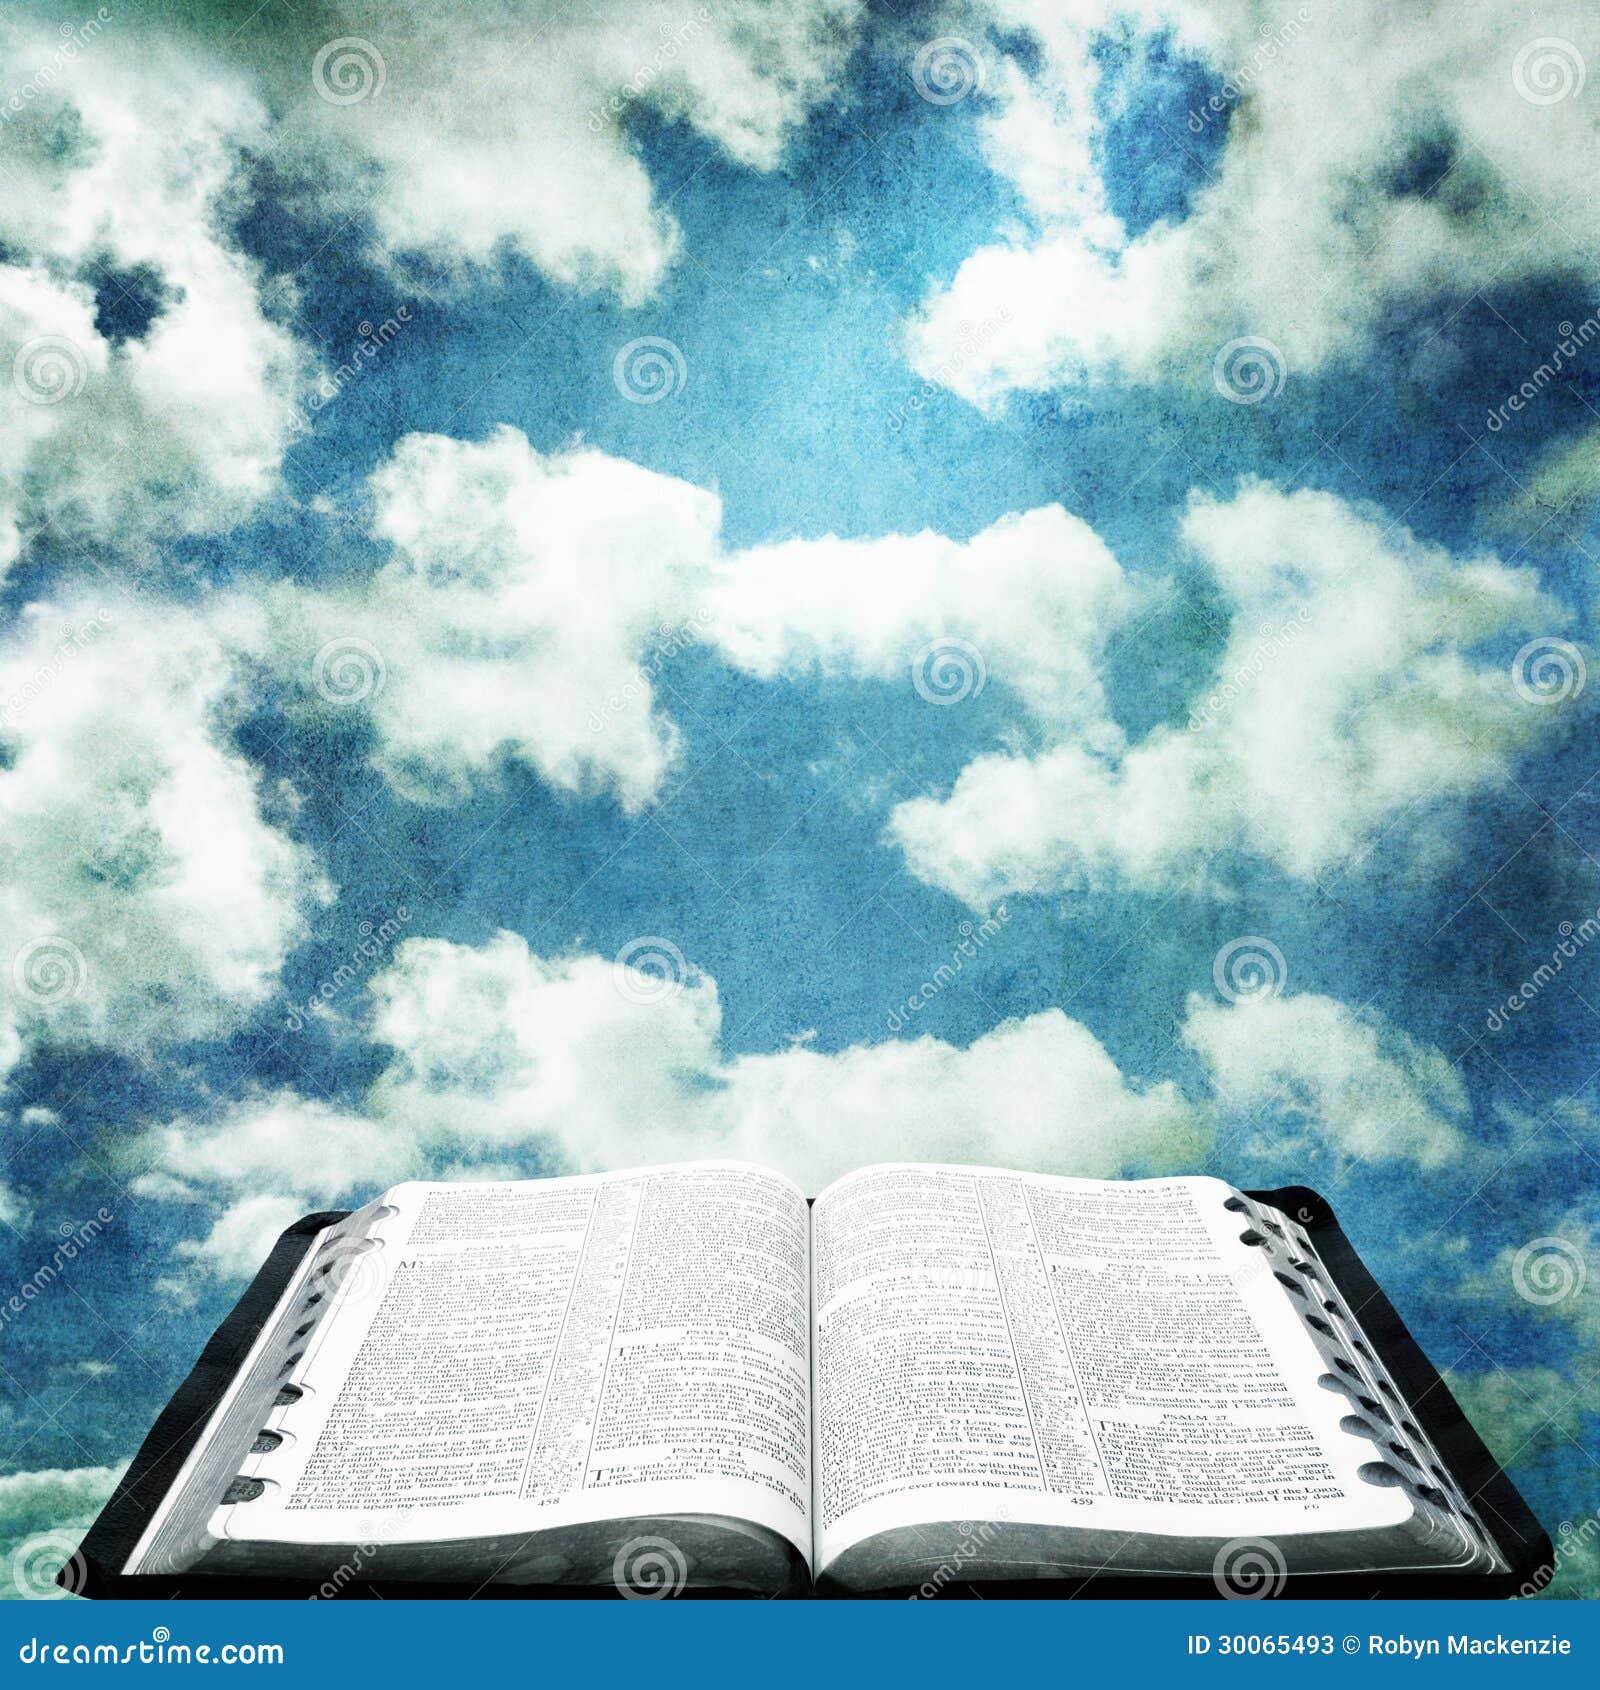 Öffnen Sie Bibel Mit Schmutz-Himmel Stockbild - Bild von bunt ...